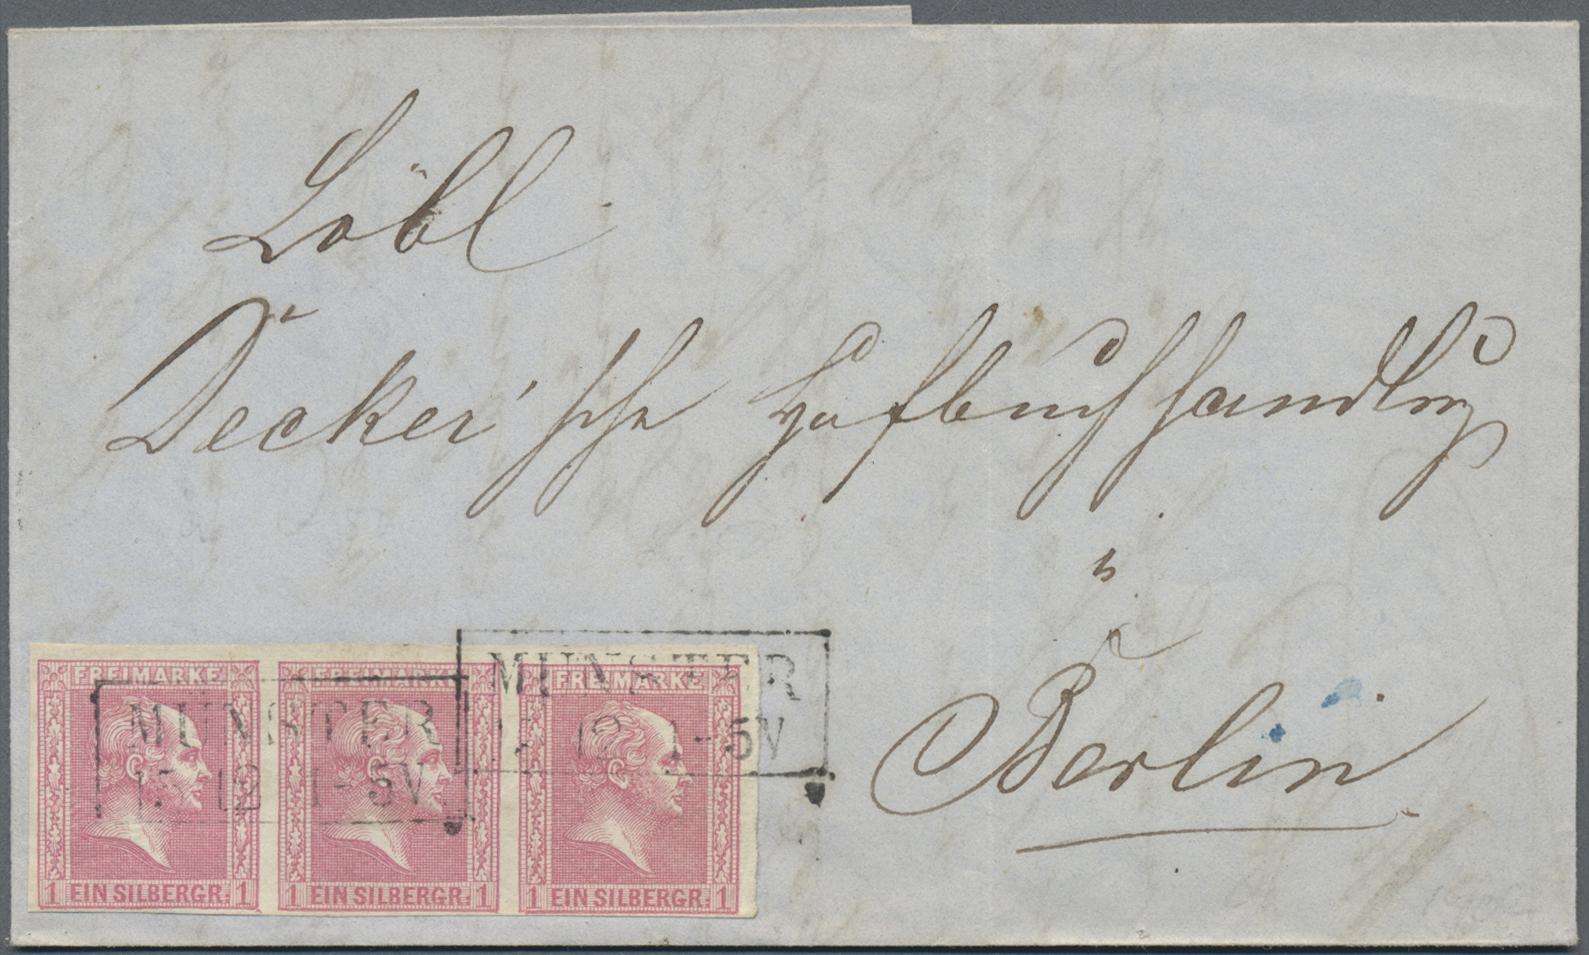 Lot 35169 - Preußen - Marken und Briefe  -  Auktionshaus Christoph Gärtner GmbH & Co. KG Sale #44 Collections Germany